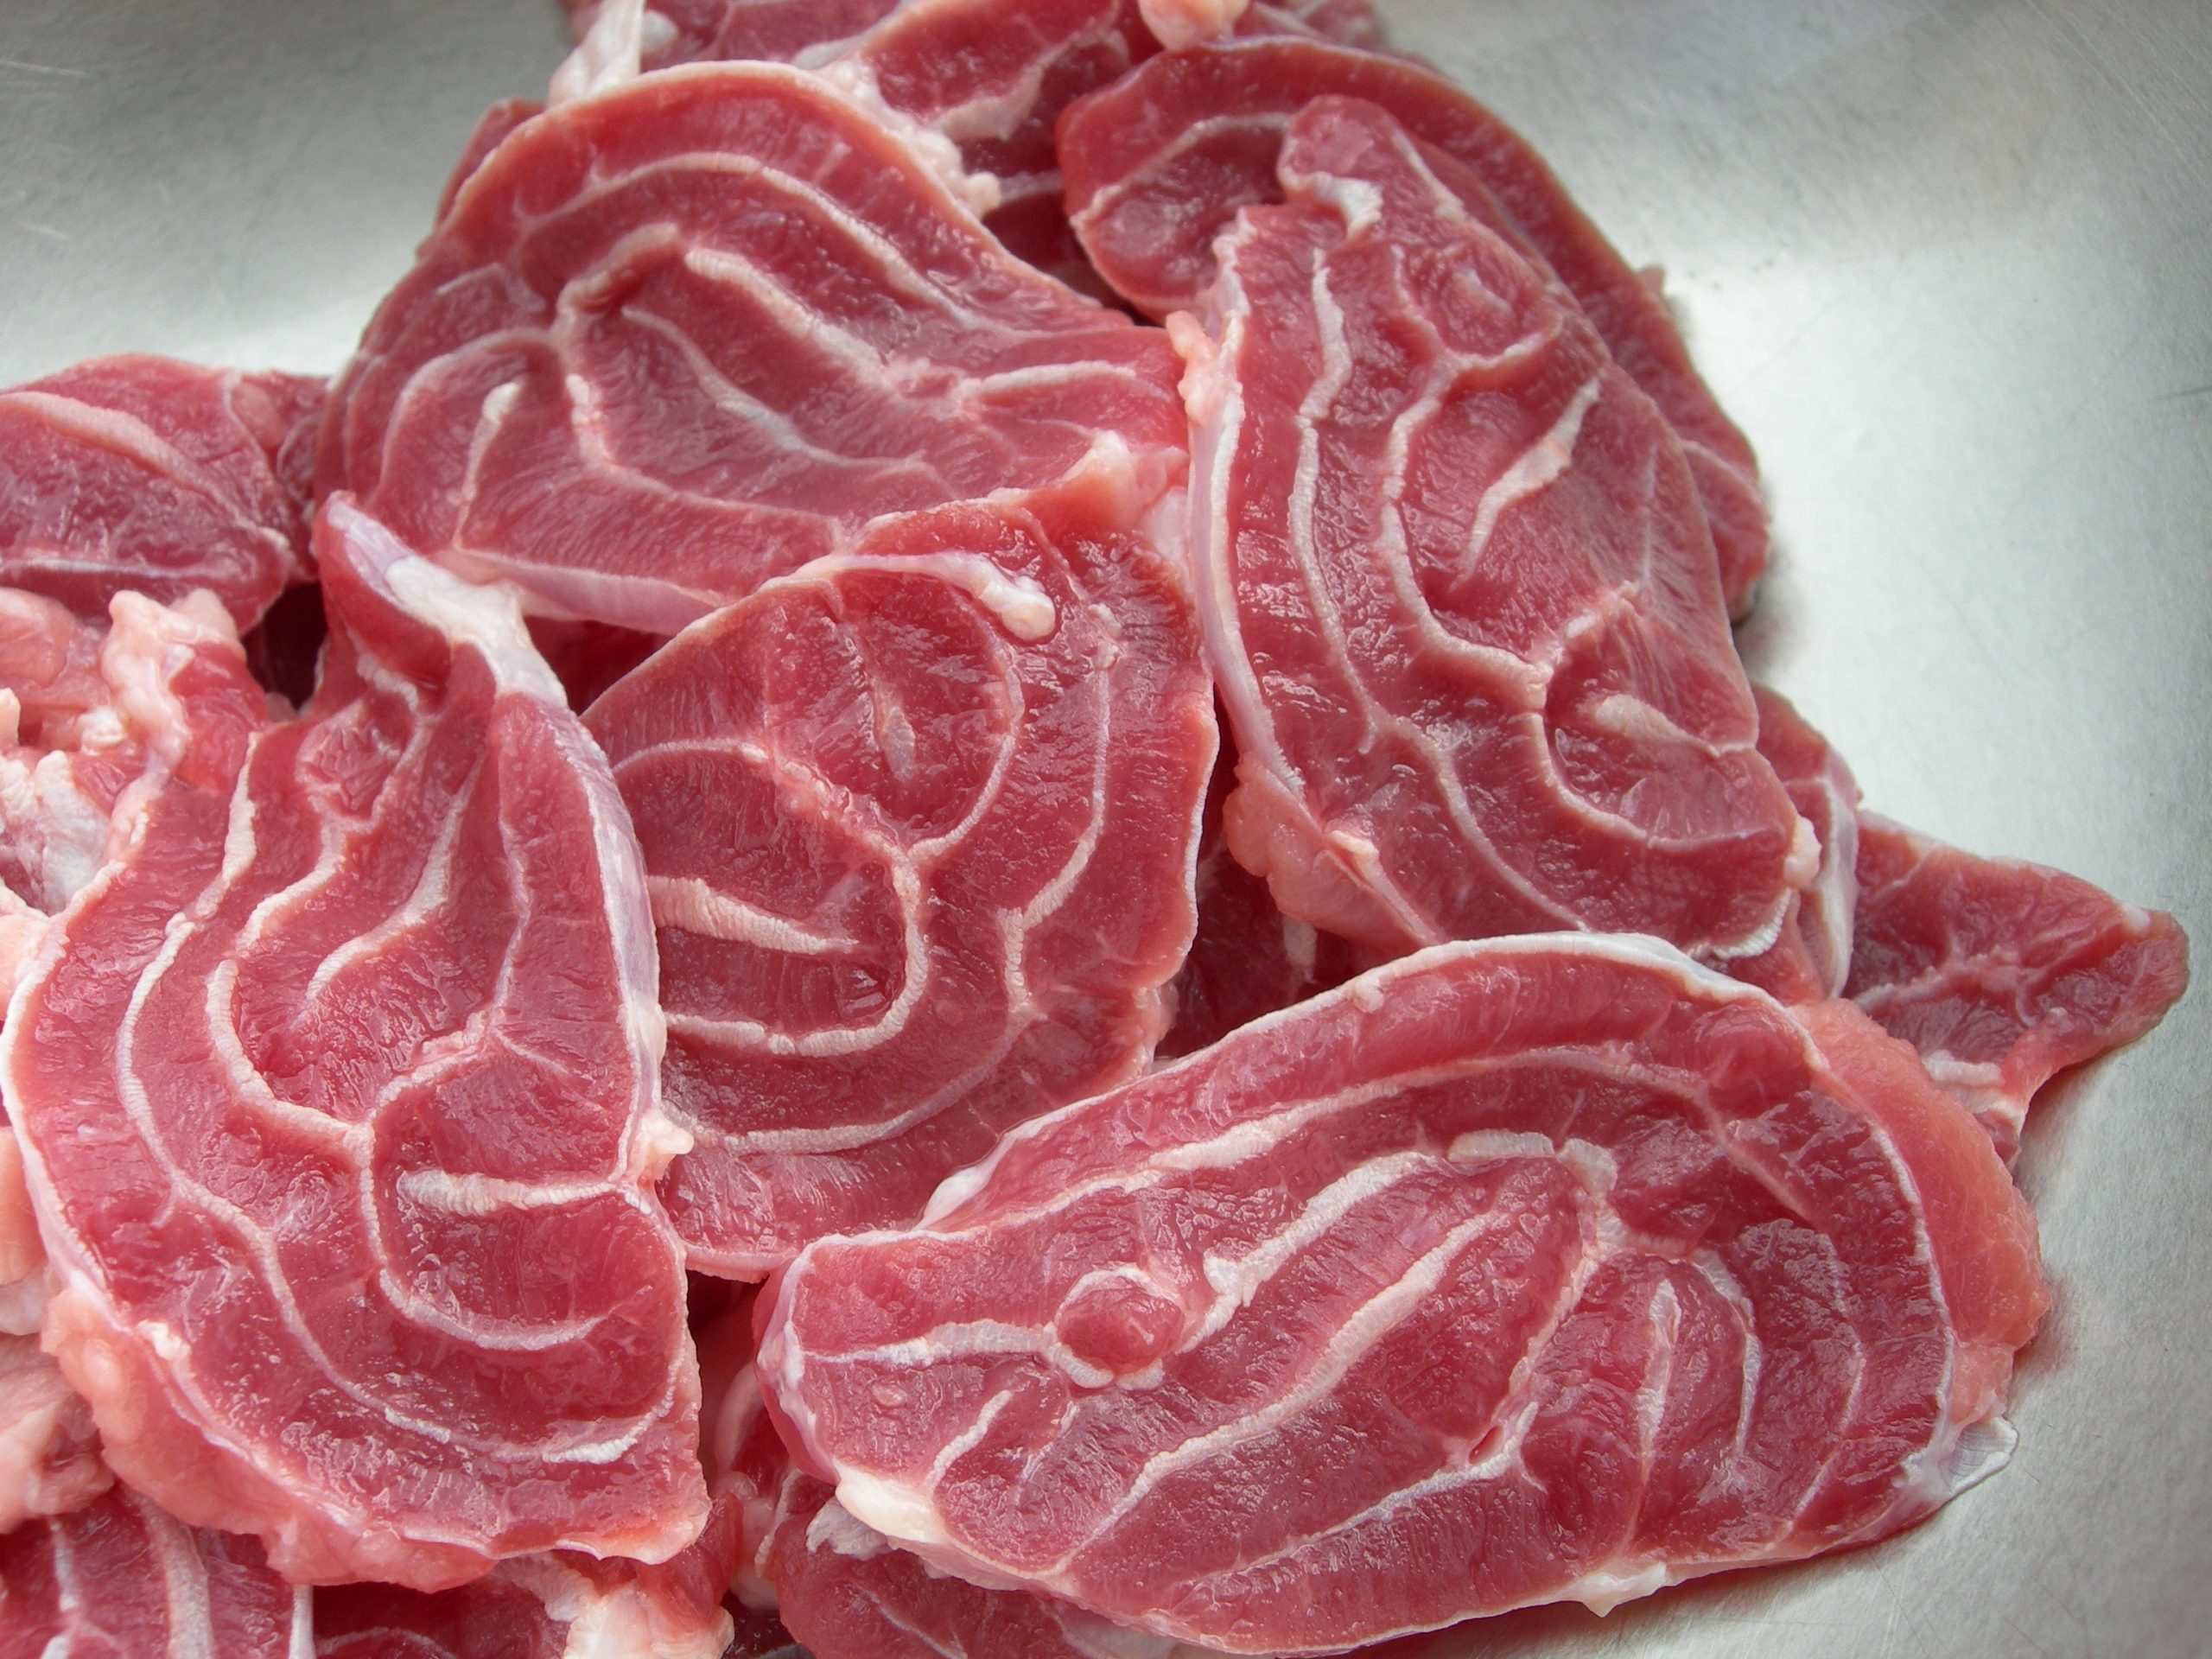 Ozone và hiệu quả loại bỏ vi khuẩn, và các thành phần phụ gia có trong thịt bò